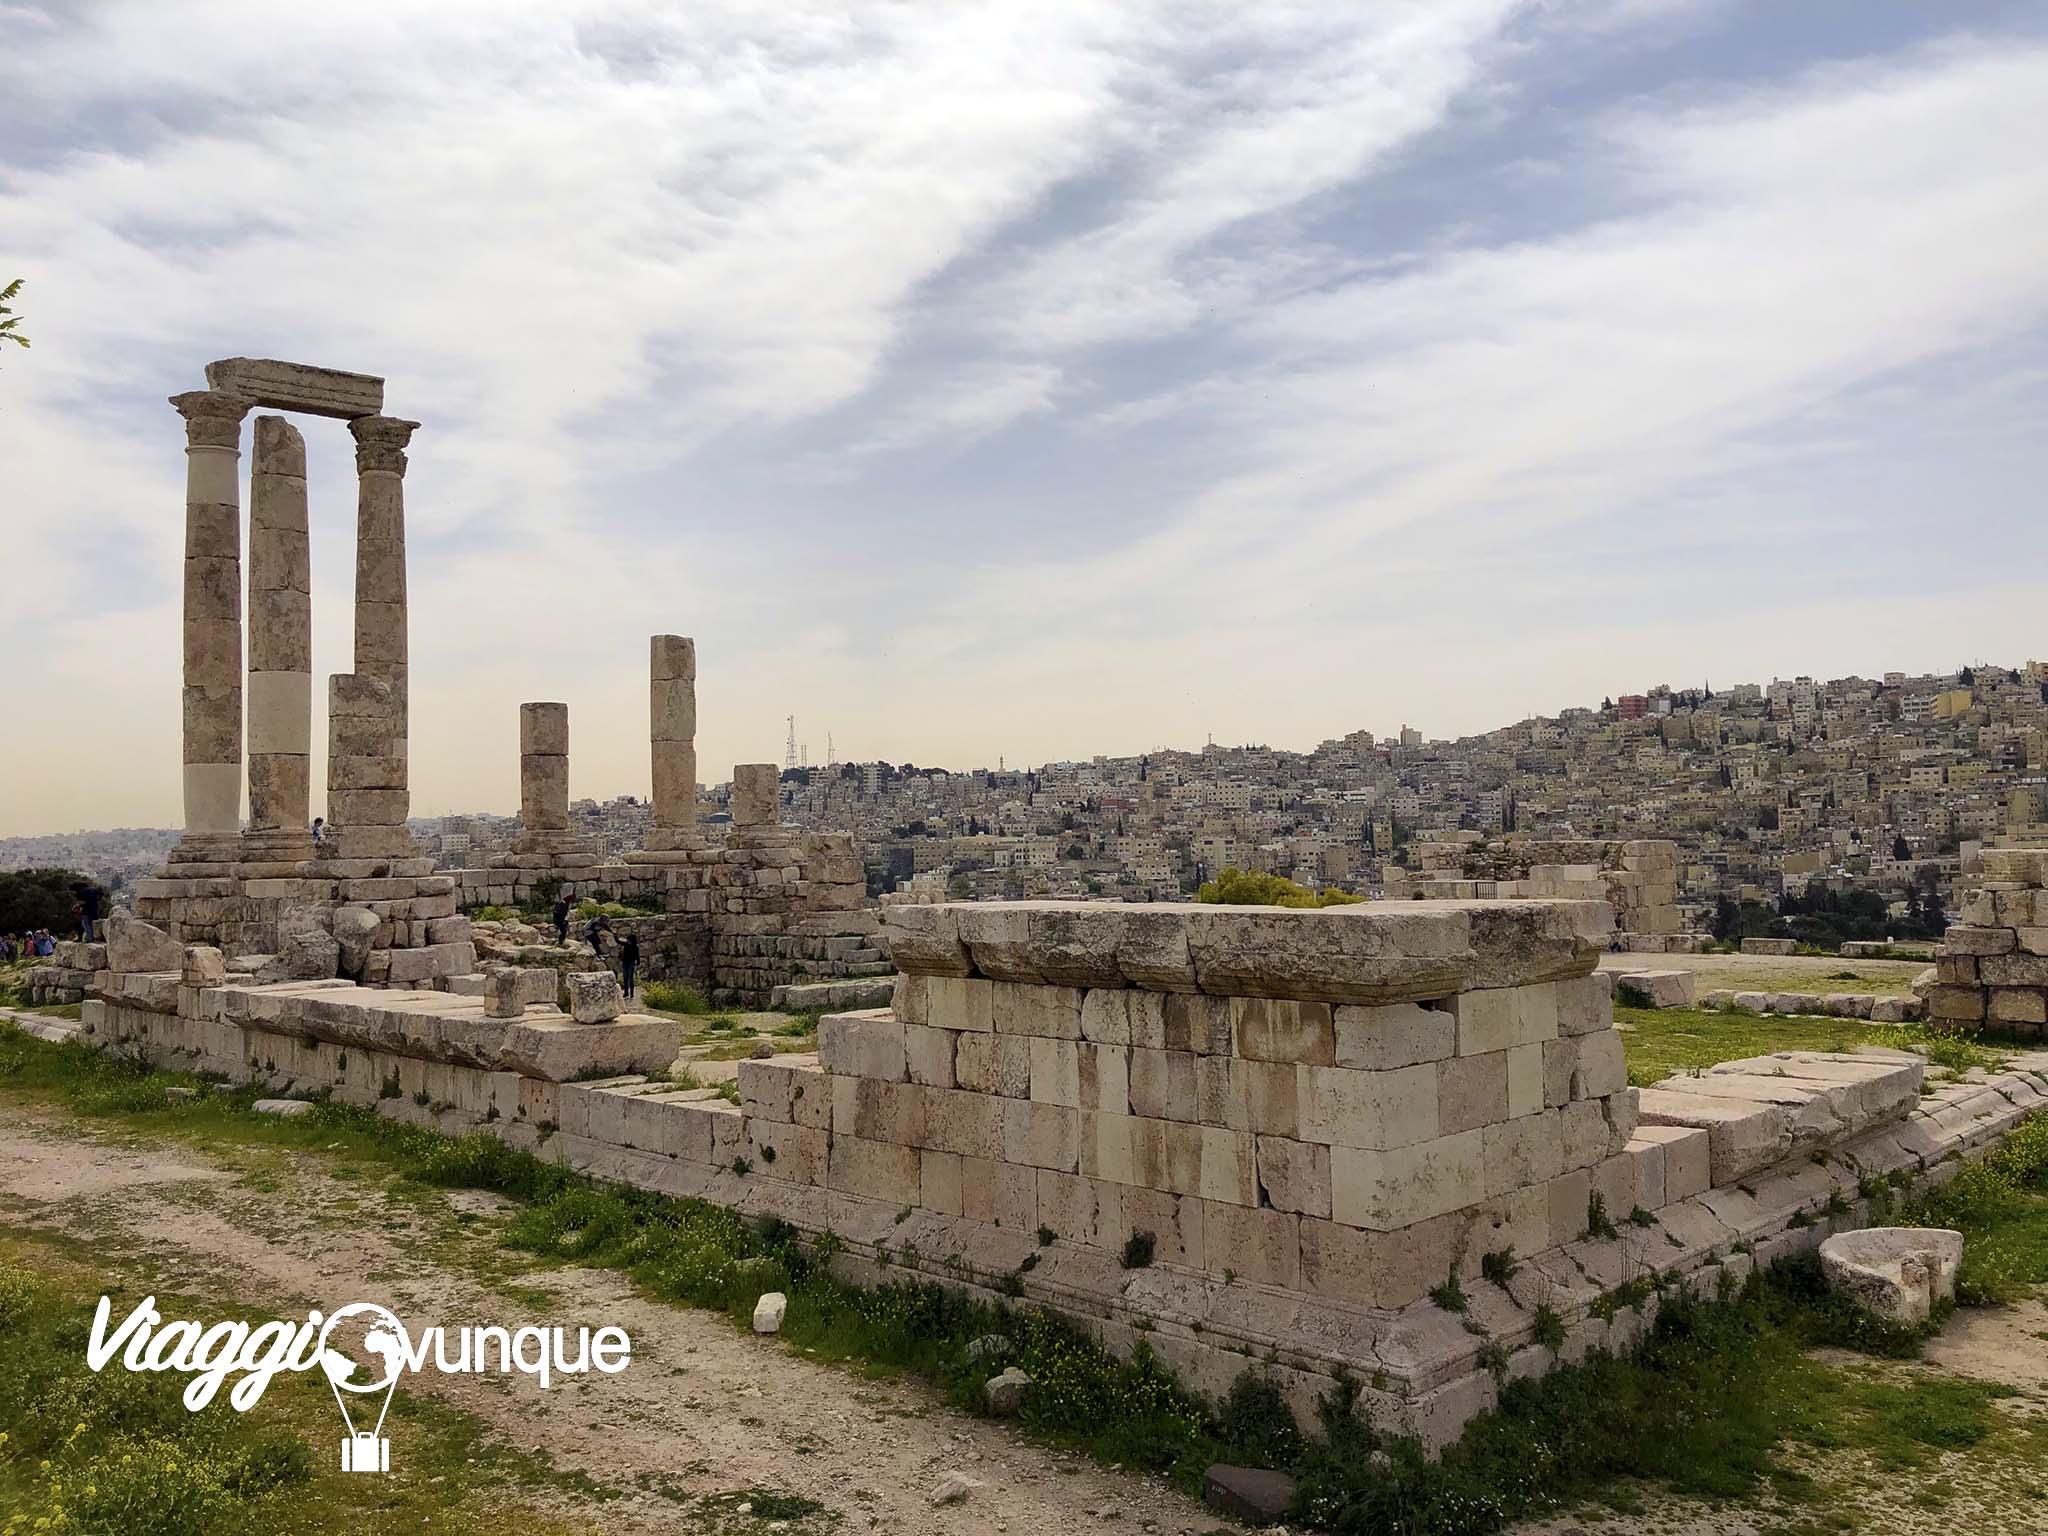 Amman: Cosa vedere nella capitale della Giordania